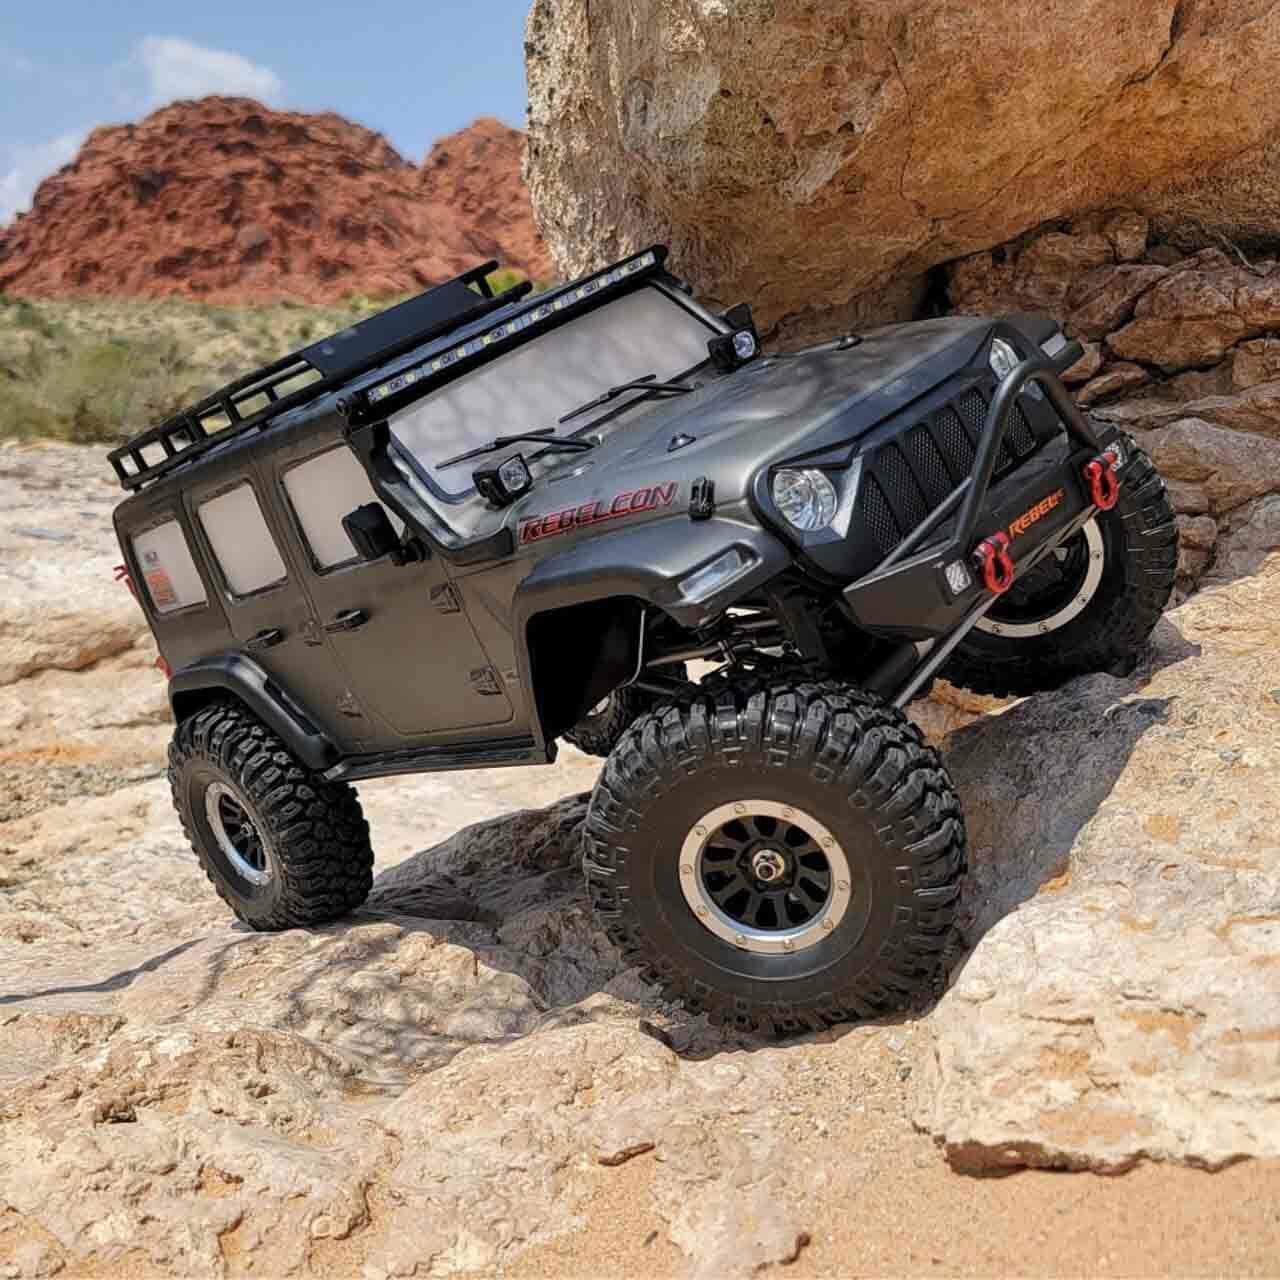 Rebel RC RJ Rebelcon Super Scale RTR Crawler